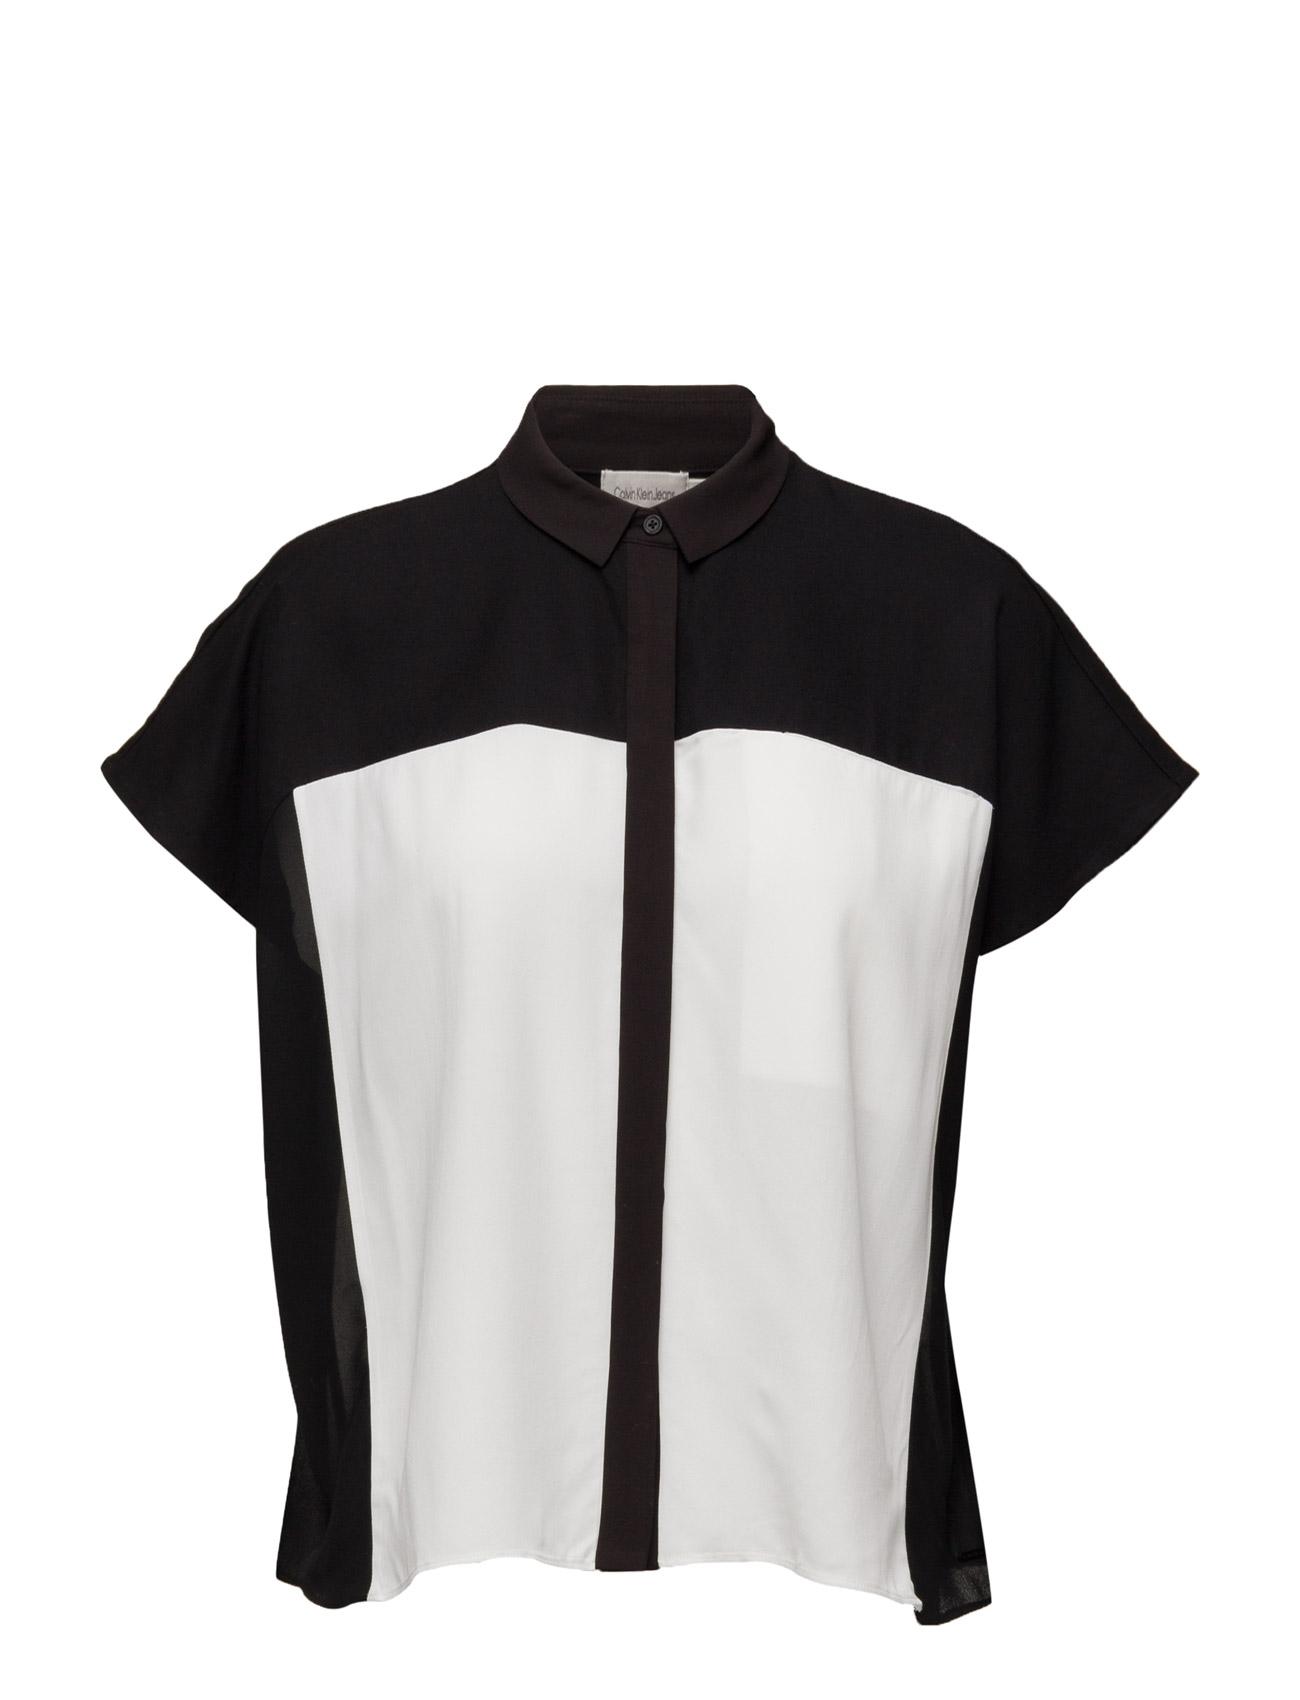 Ethna Woven Top N/S Calvin Klein Jeans Kortærmede til Kvinder i Sort